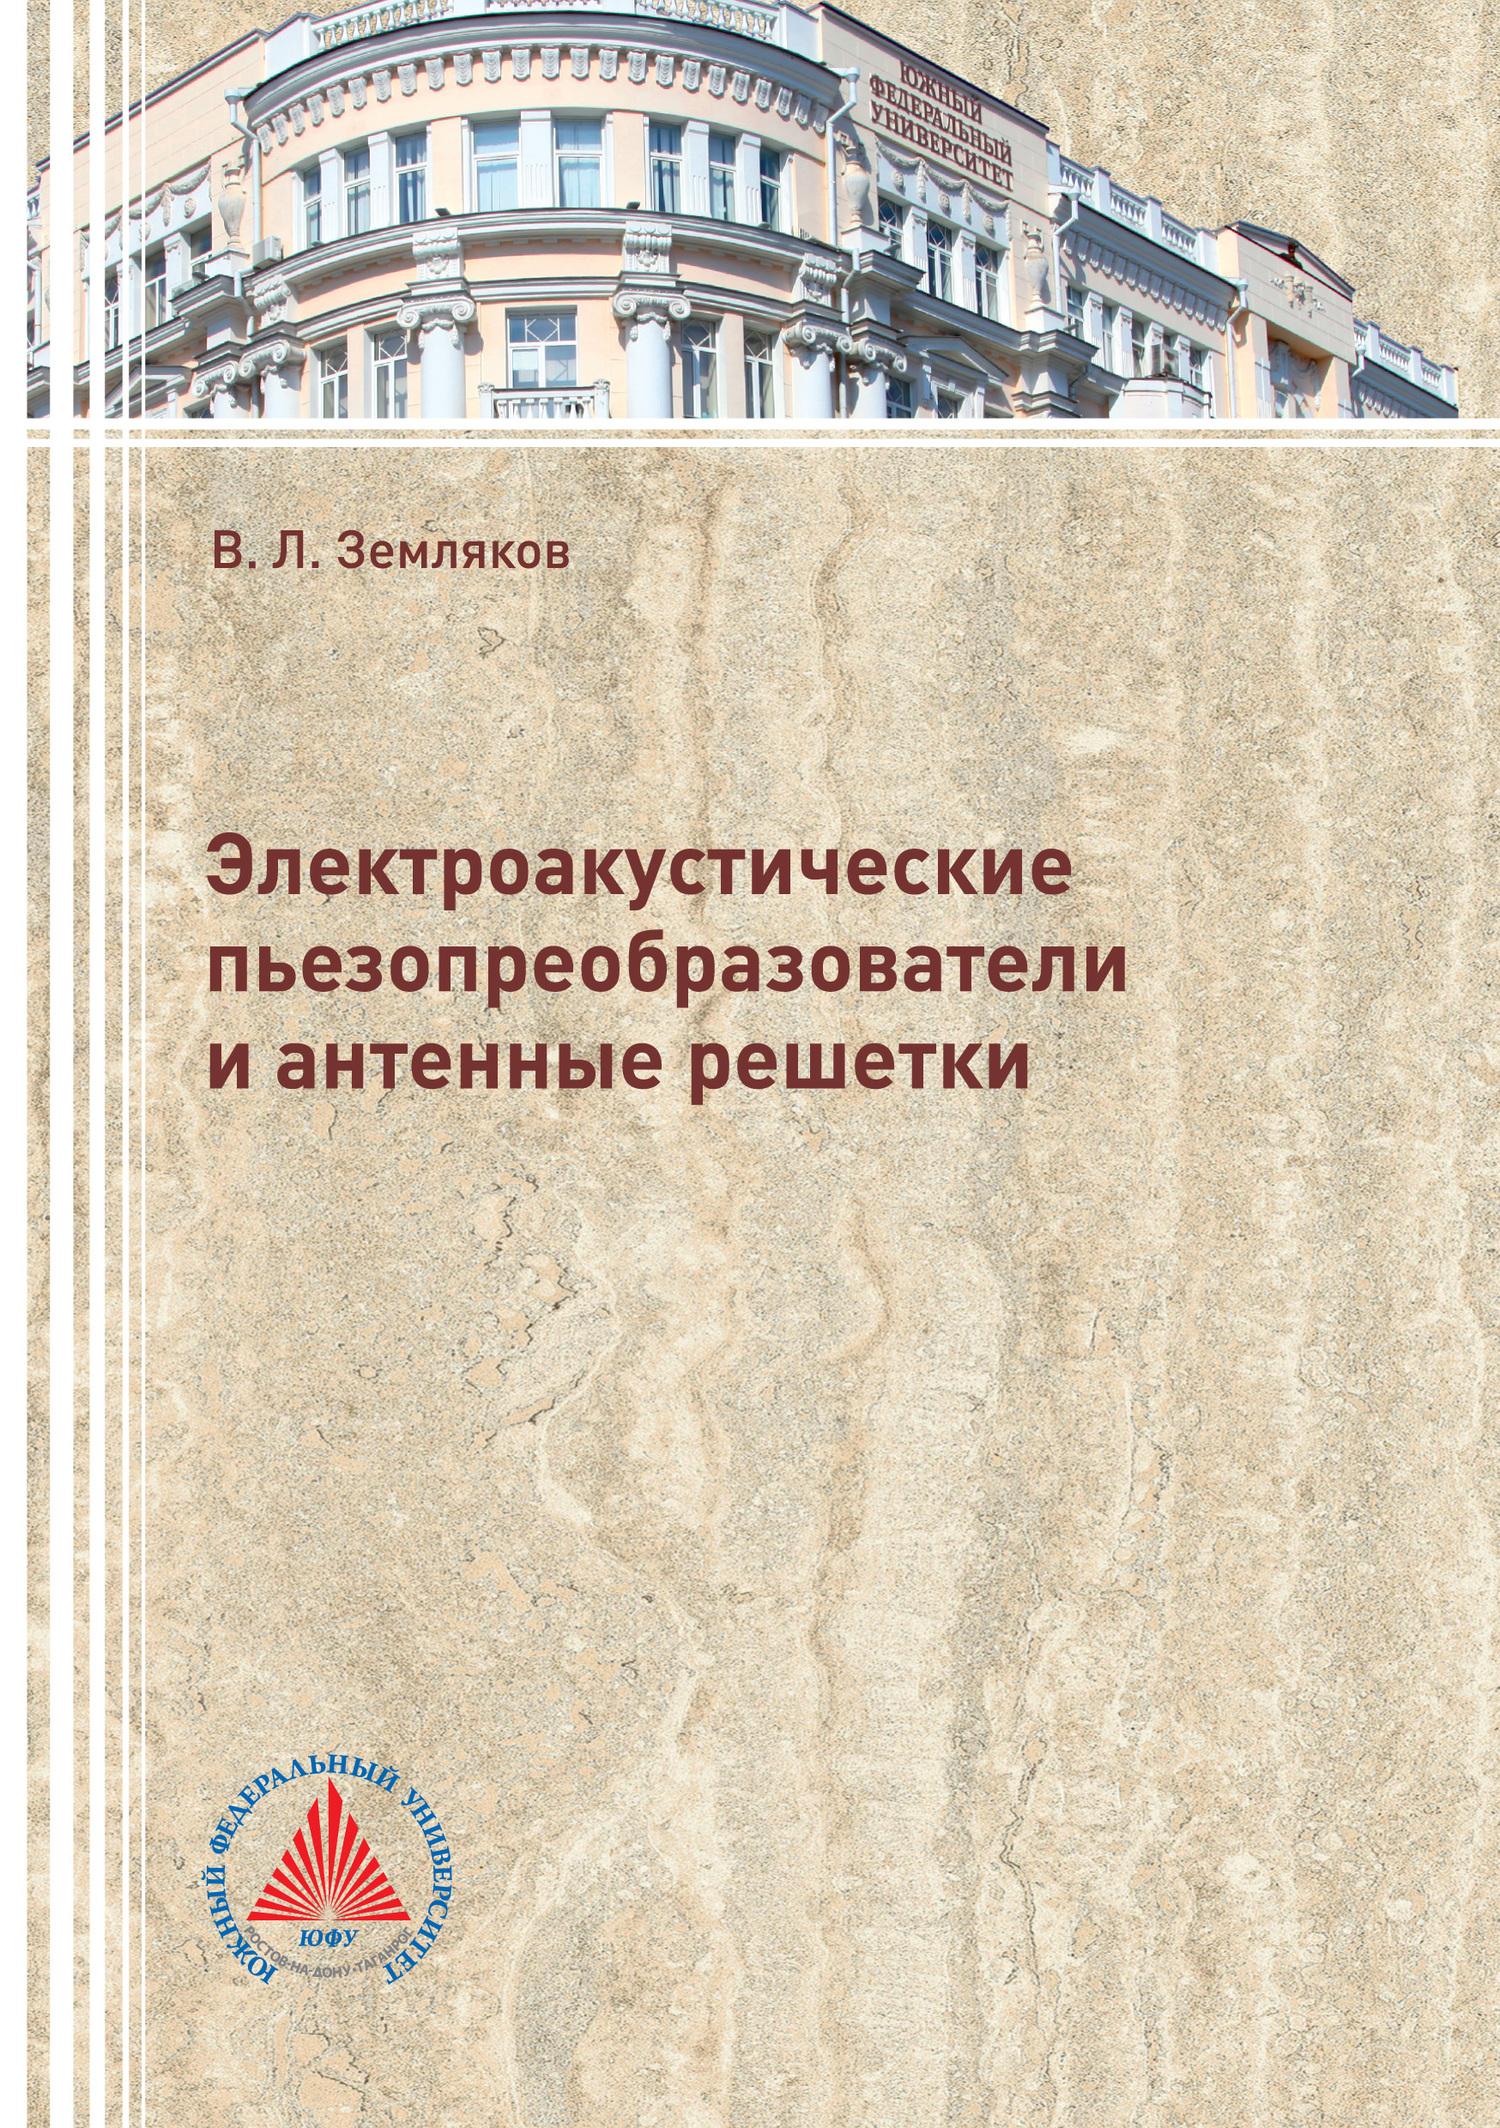 цены В. Л. Земляков Электроакустические пьезопреобразователи и антенные решетки